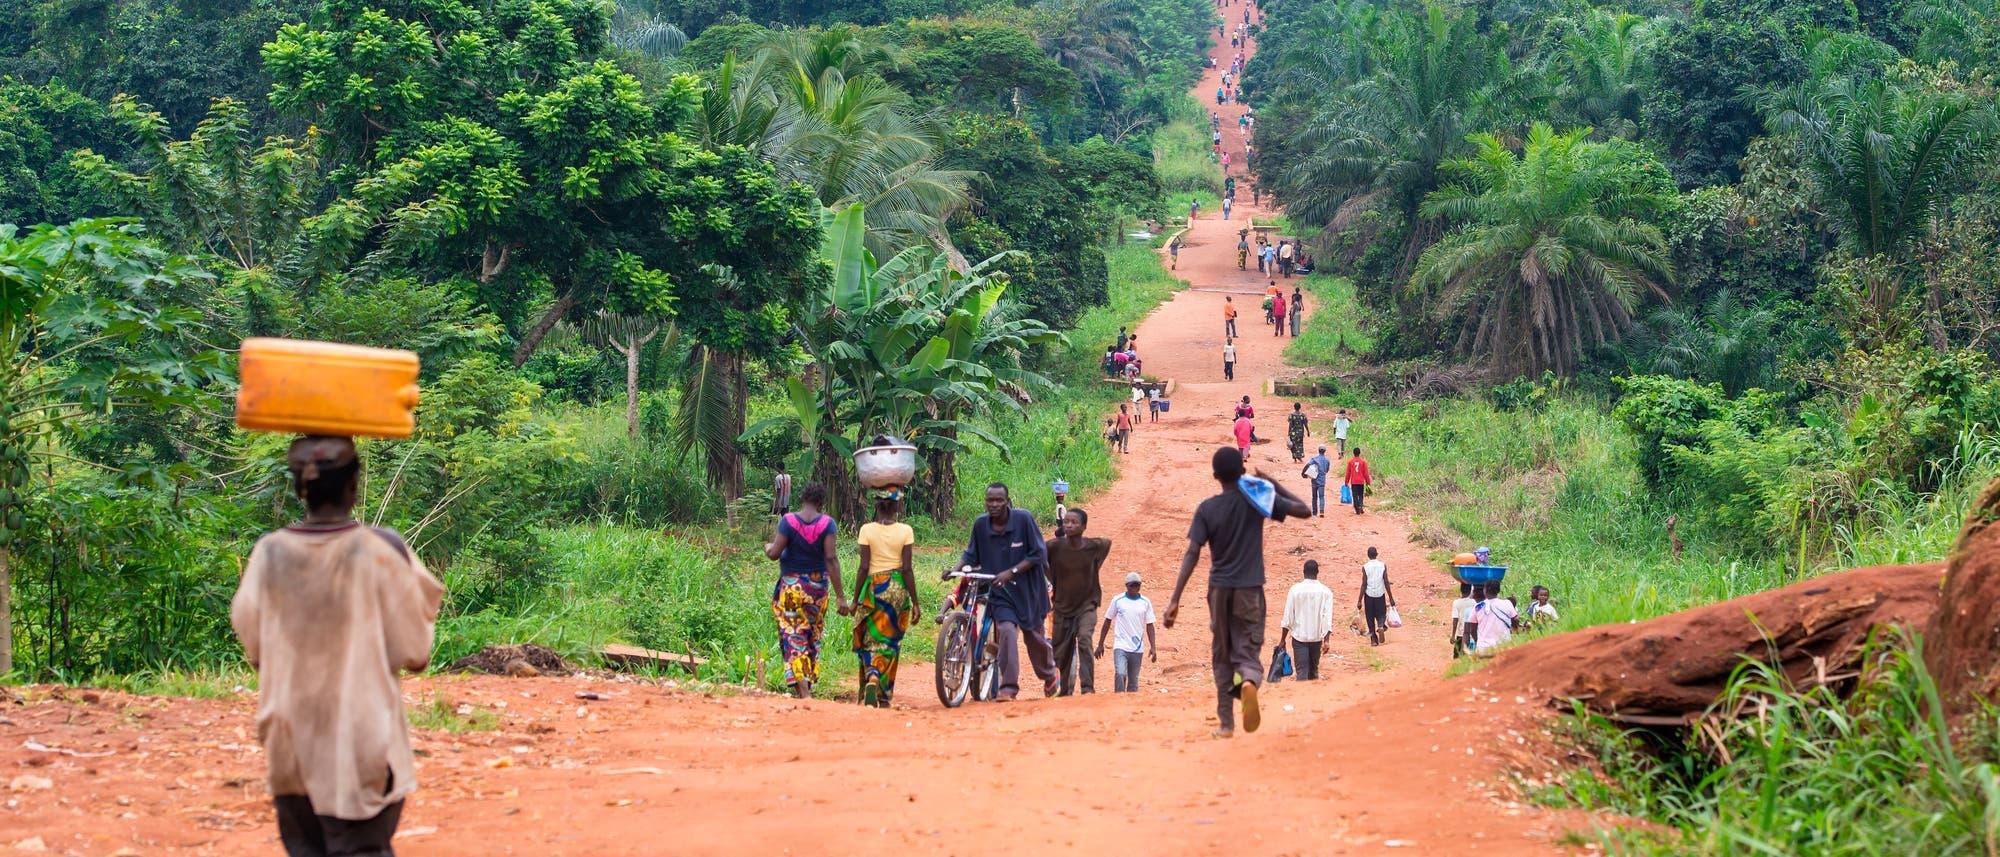 Seit Oktober 2018 sind Tausende Menschen in der Demokratischen Republik Kongo an Masern gestorben.